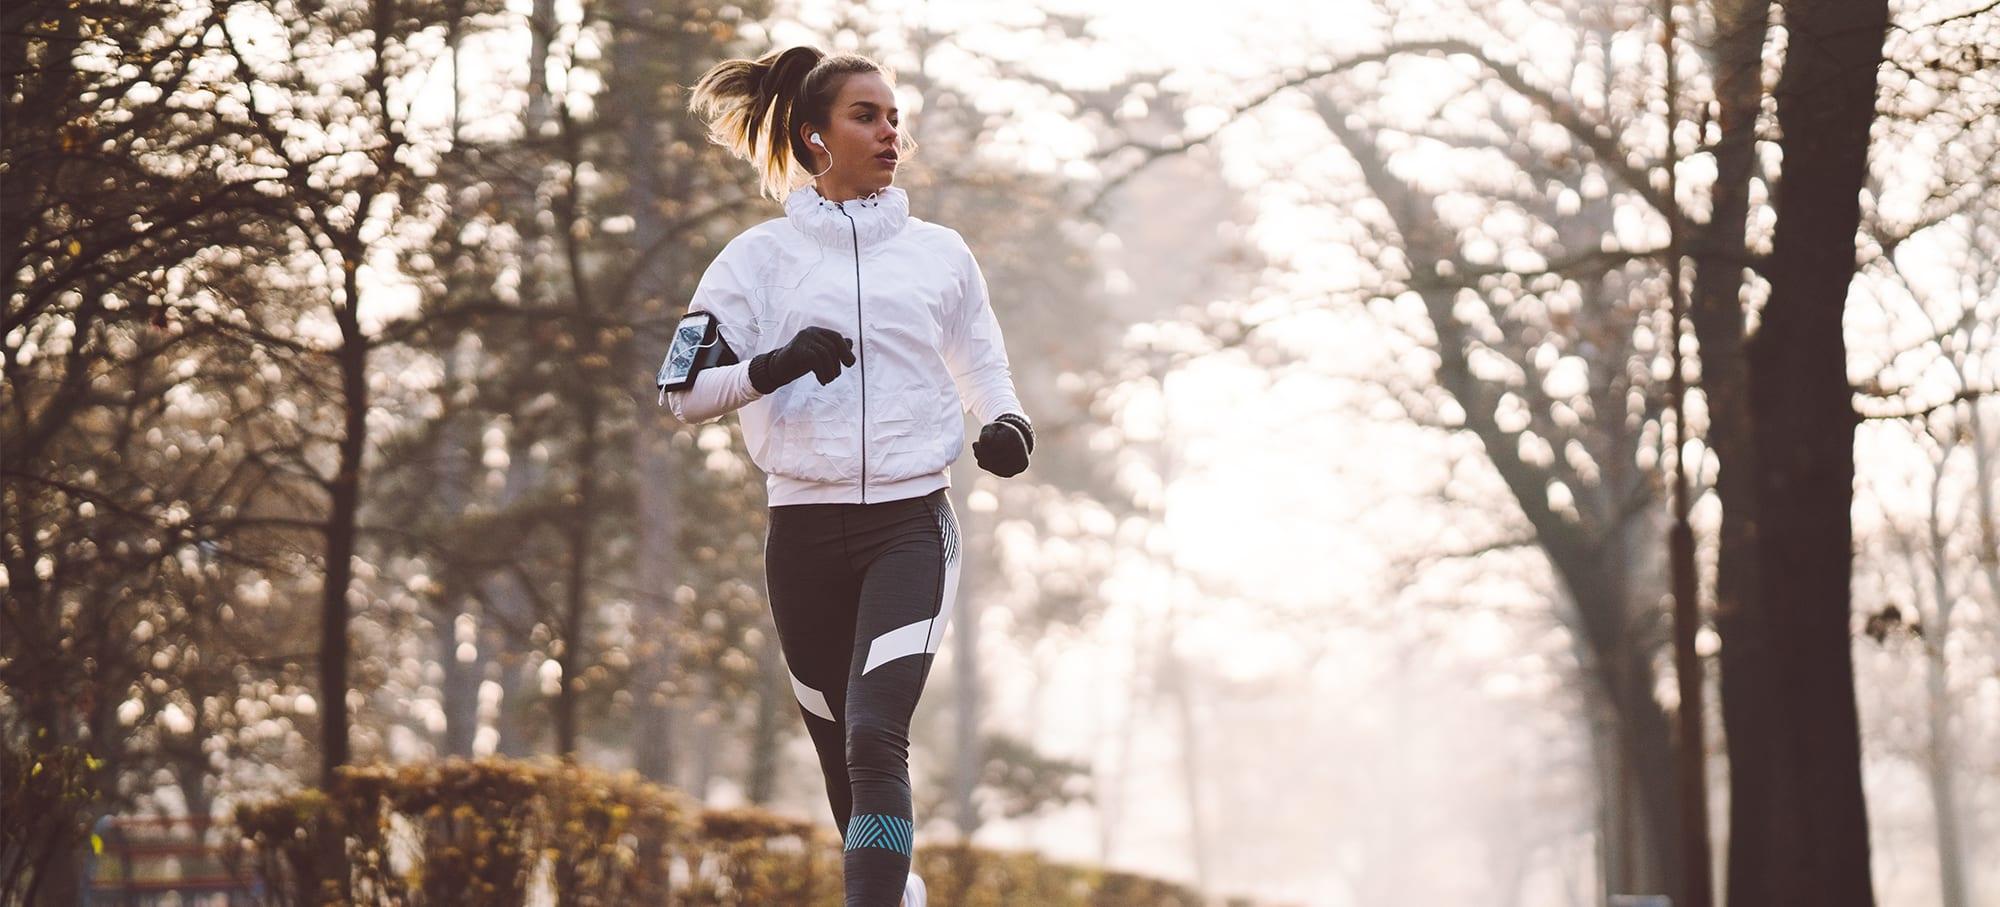 Tips til intervaltræning udendørs - for nybegyndere og erfarne